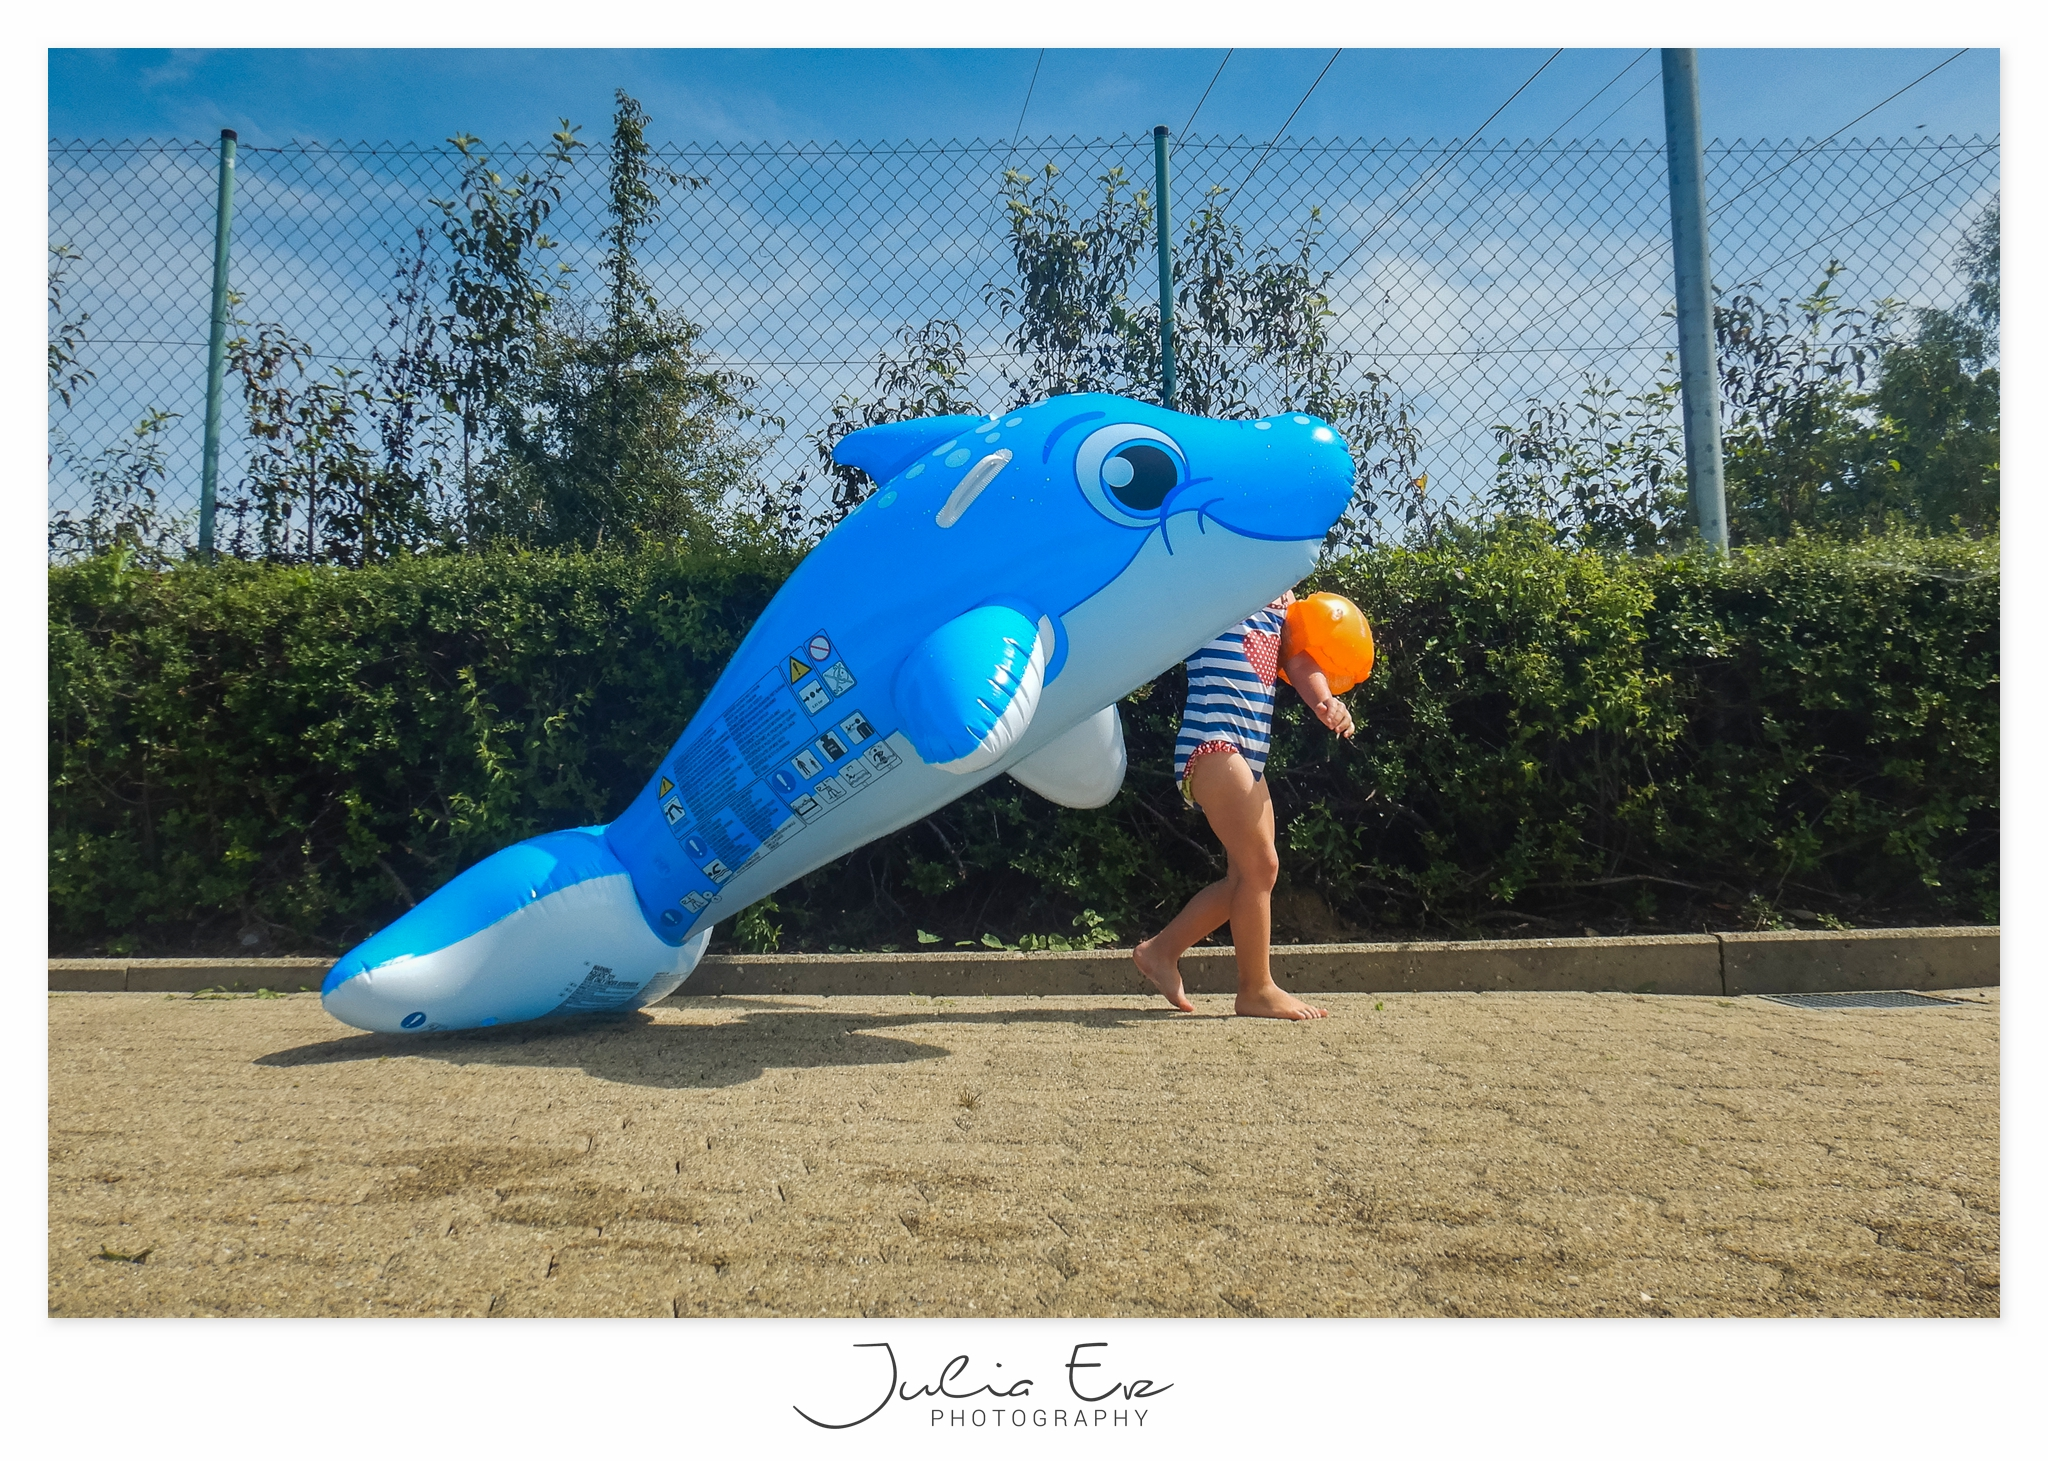 Familienfotografie Julia Erz Photography - Kind mit riesigem aufblasbaren Delfin